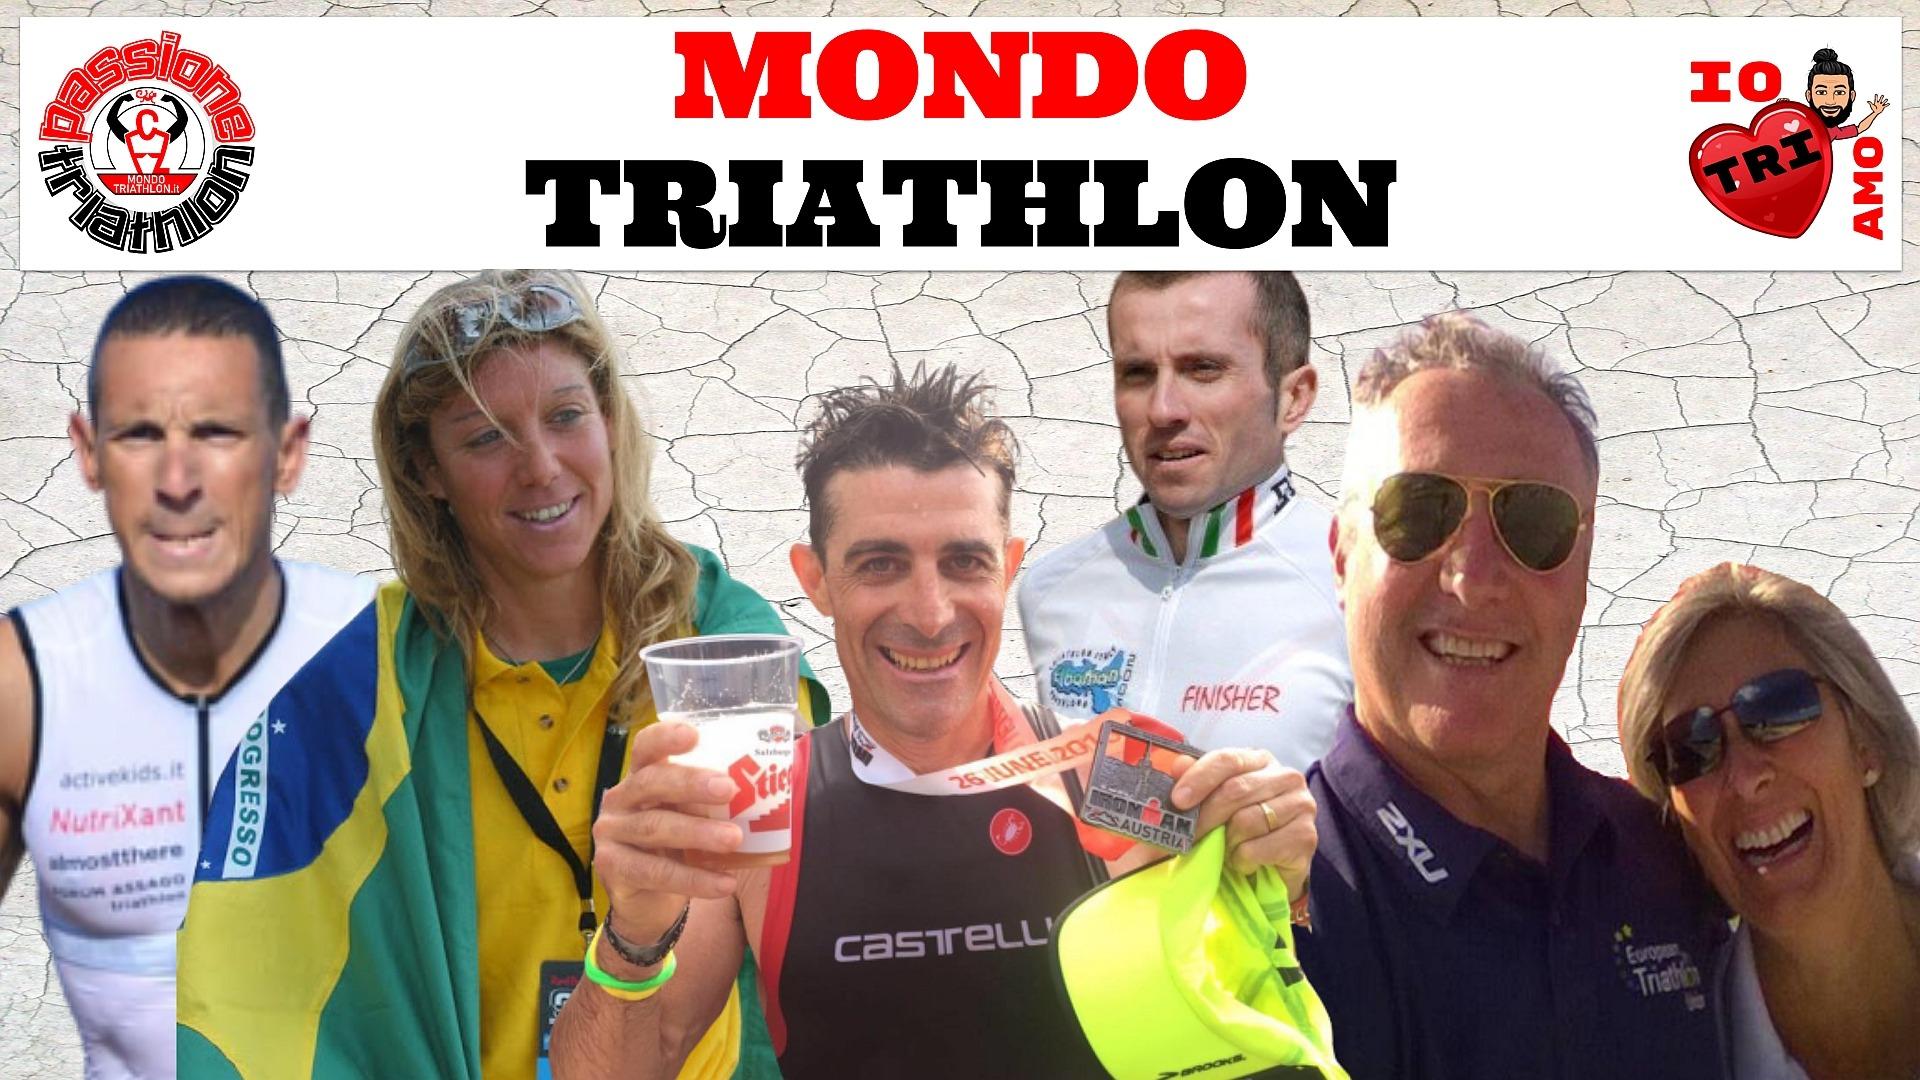 Passione Triathlon Wall Settimana 8-12 giugno 2020